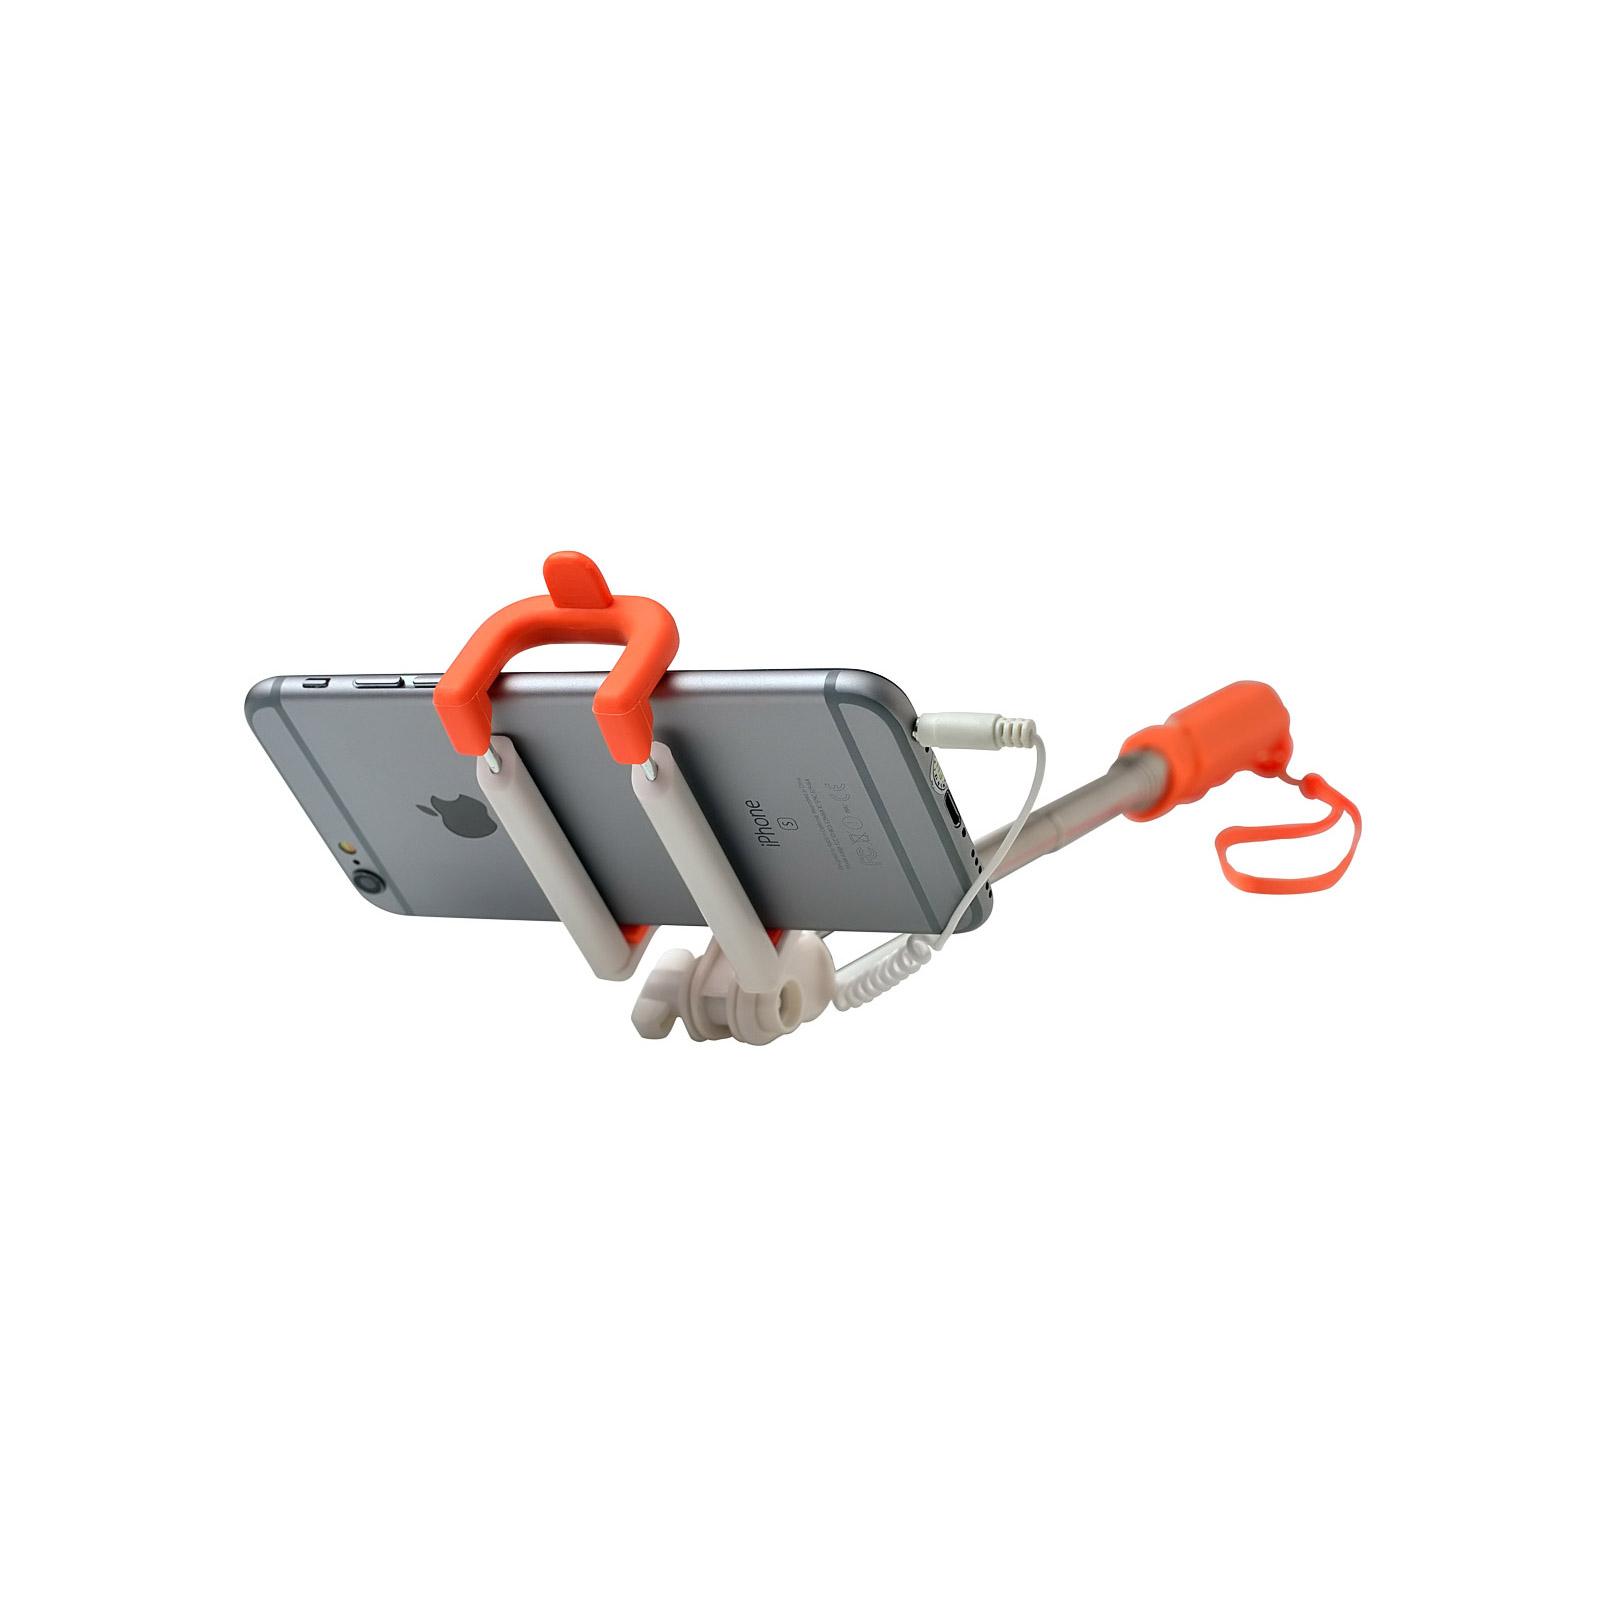 Монопод для селфи Grand-X Rubber c кабелем 3,5 U-крепление (MPGRJ3UO) изображение 5